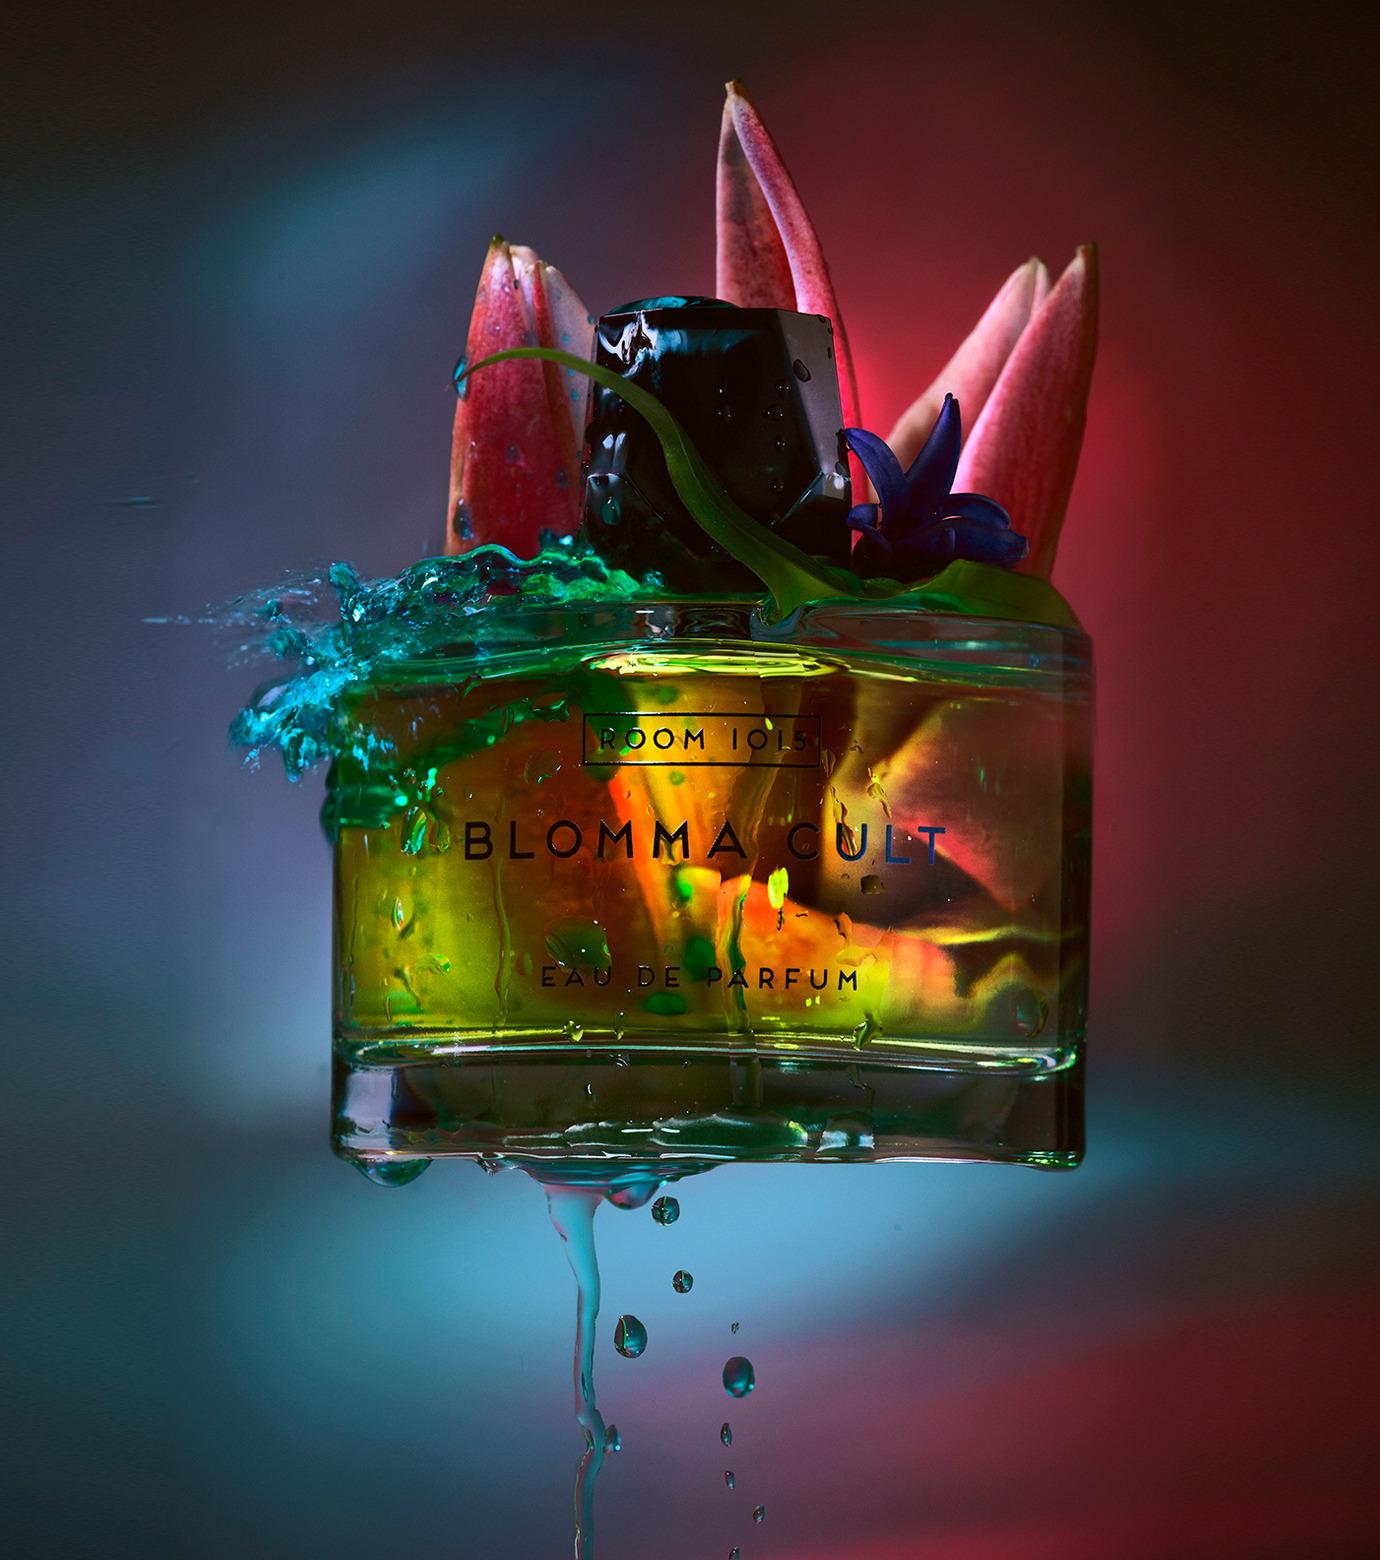 ROOM1015()のBlomma Cult eau de parfum-WHITE(FRAGRANCE-GROOMING/フレグランス/FRAGRANCE-GROOMING/fragrance)-102FR-BC0124-4 拡大詳細画像4